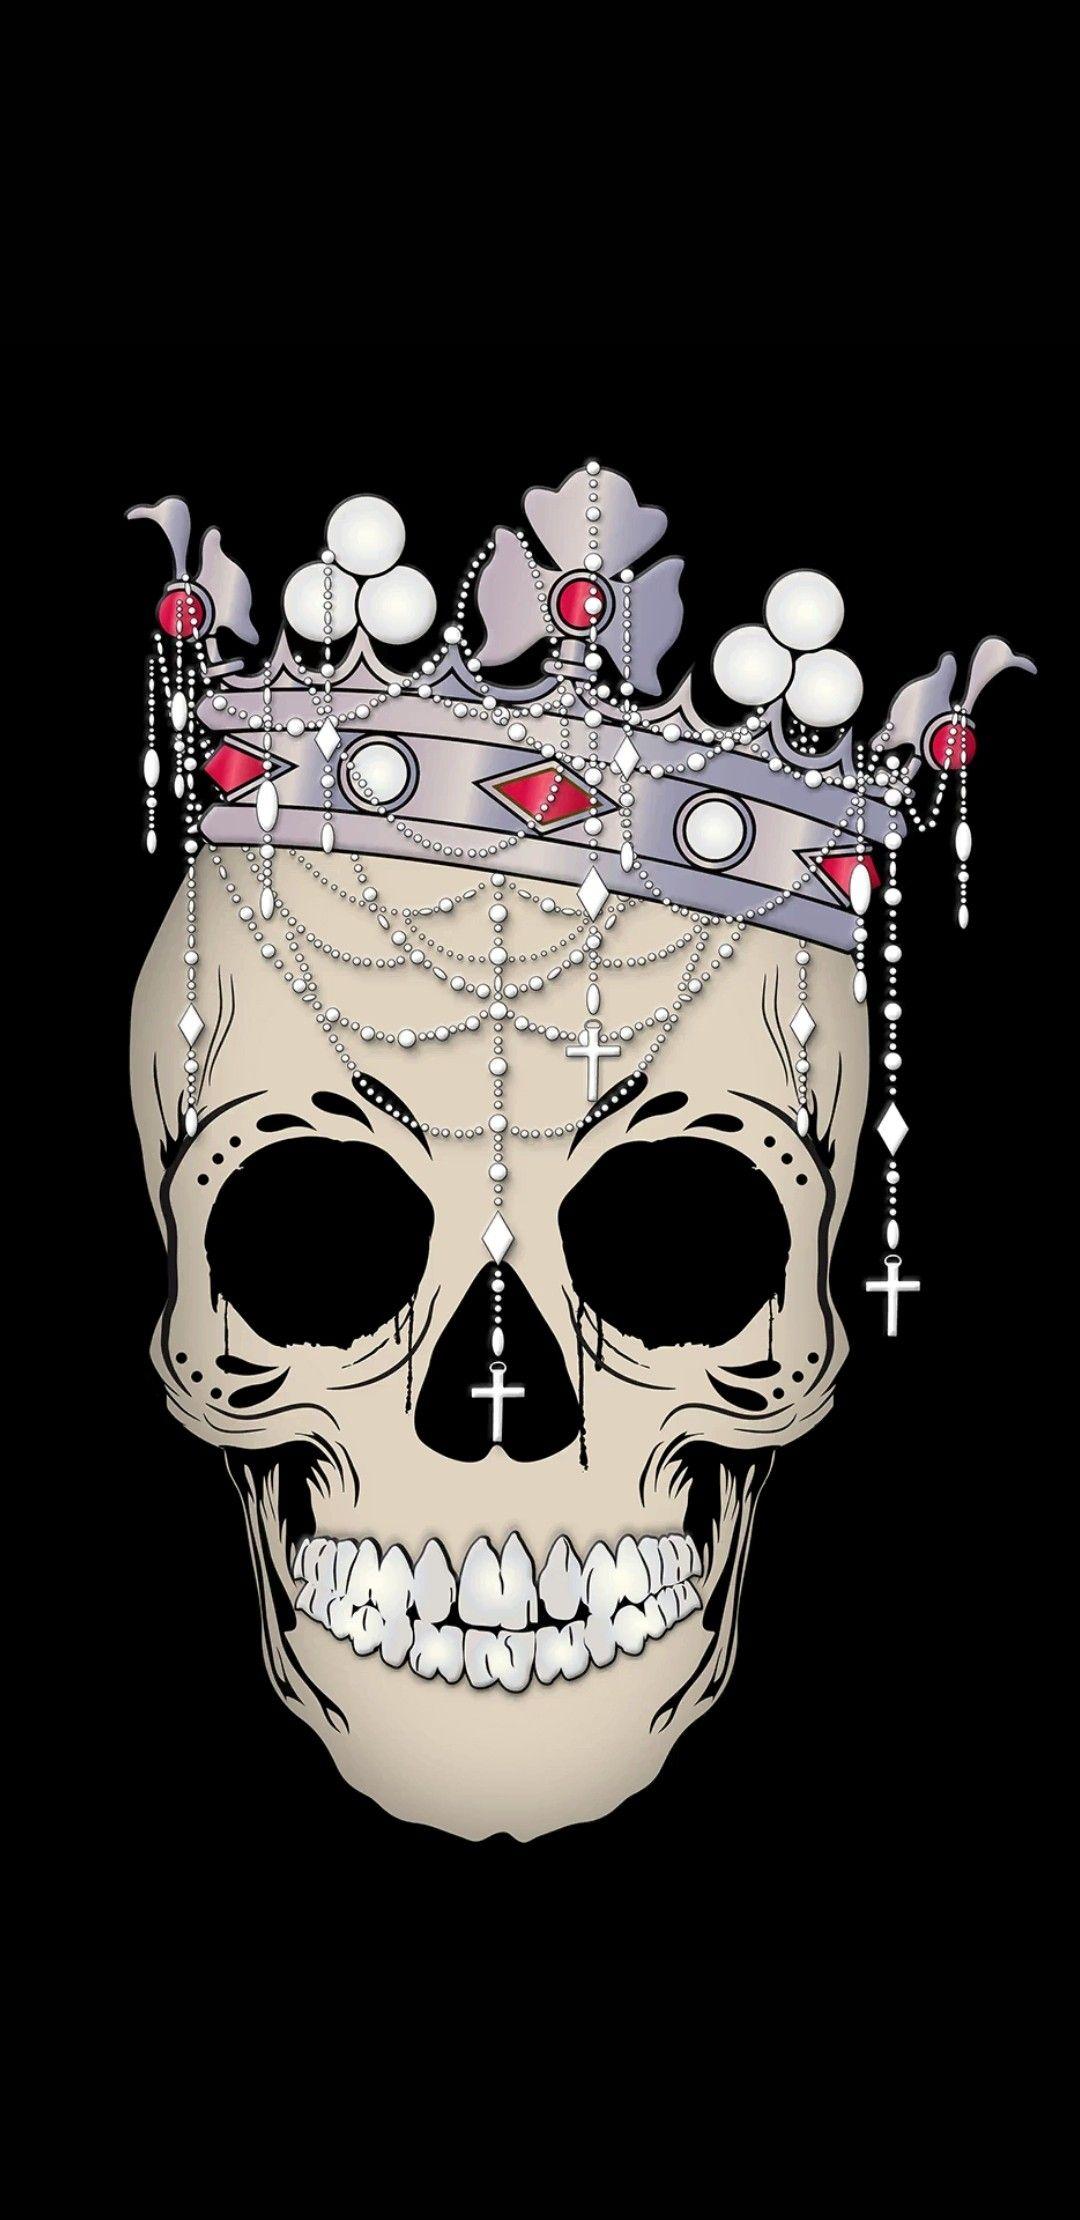 Pin by NikklaDesigns on Skull / Skeleton Wallpaper | Skull ...